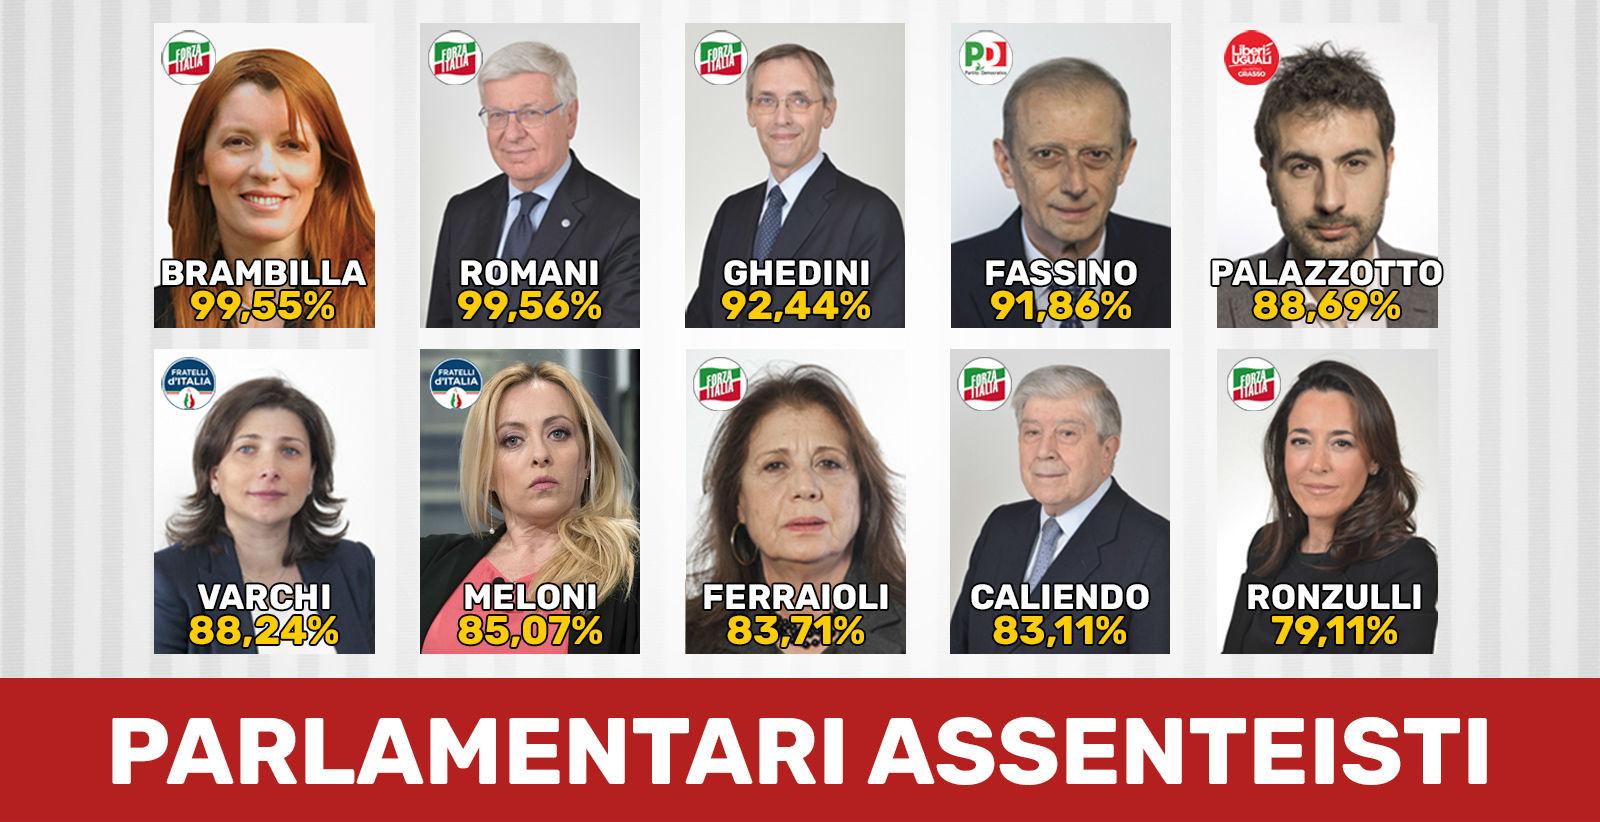 Adesso anche i partiti puniscano i parlamentari for Deputati 5 stelle elenco